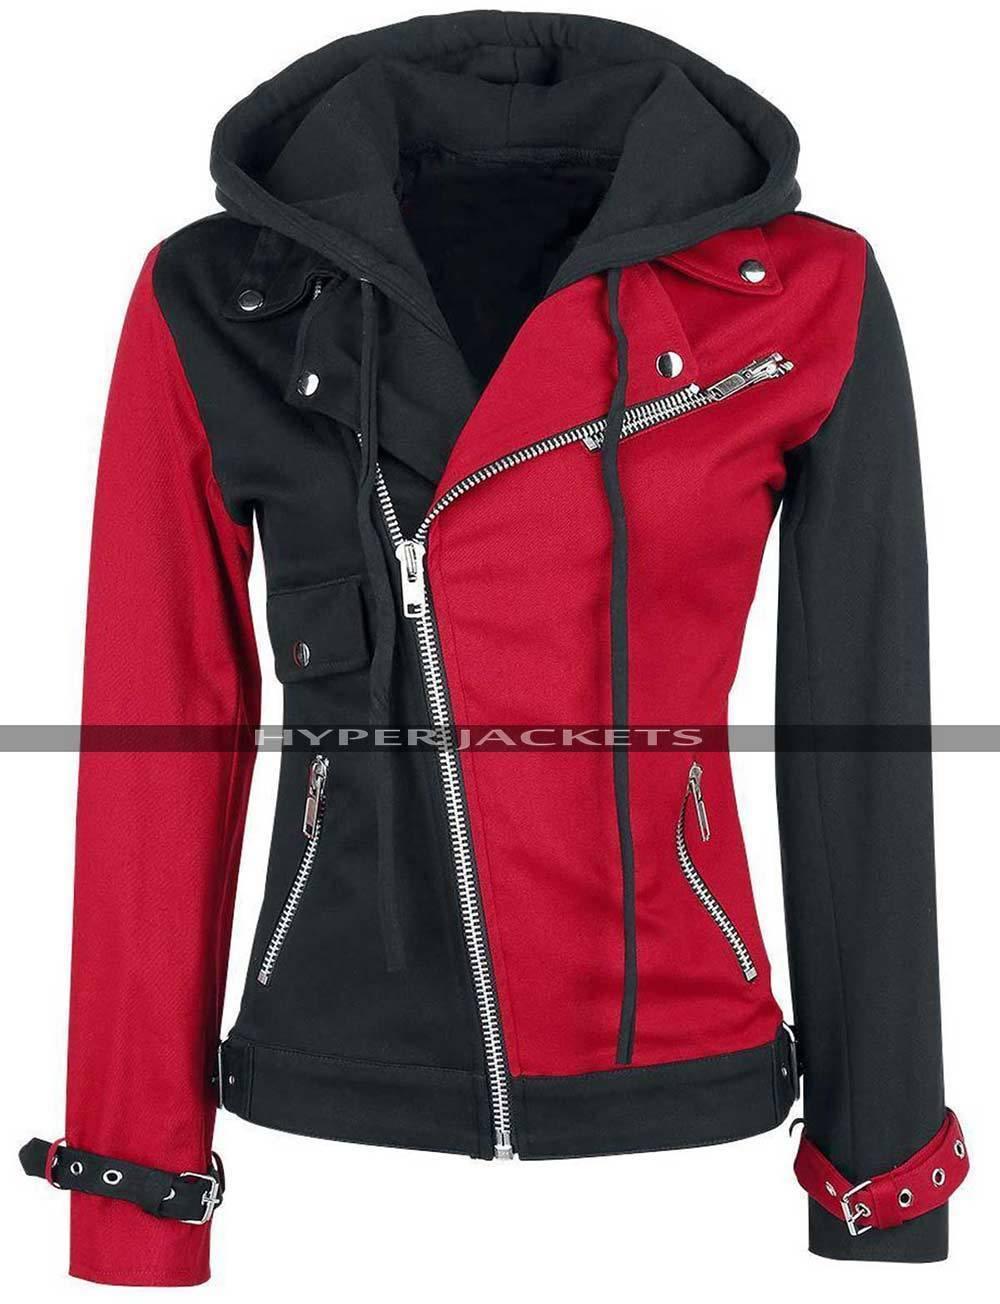 Harley quinn suicide squad black red jacket